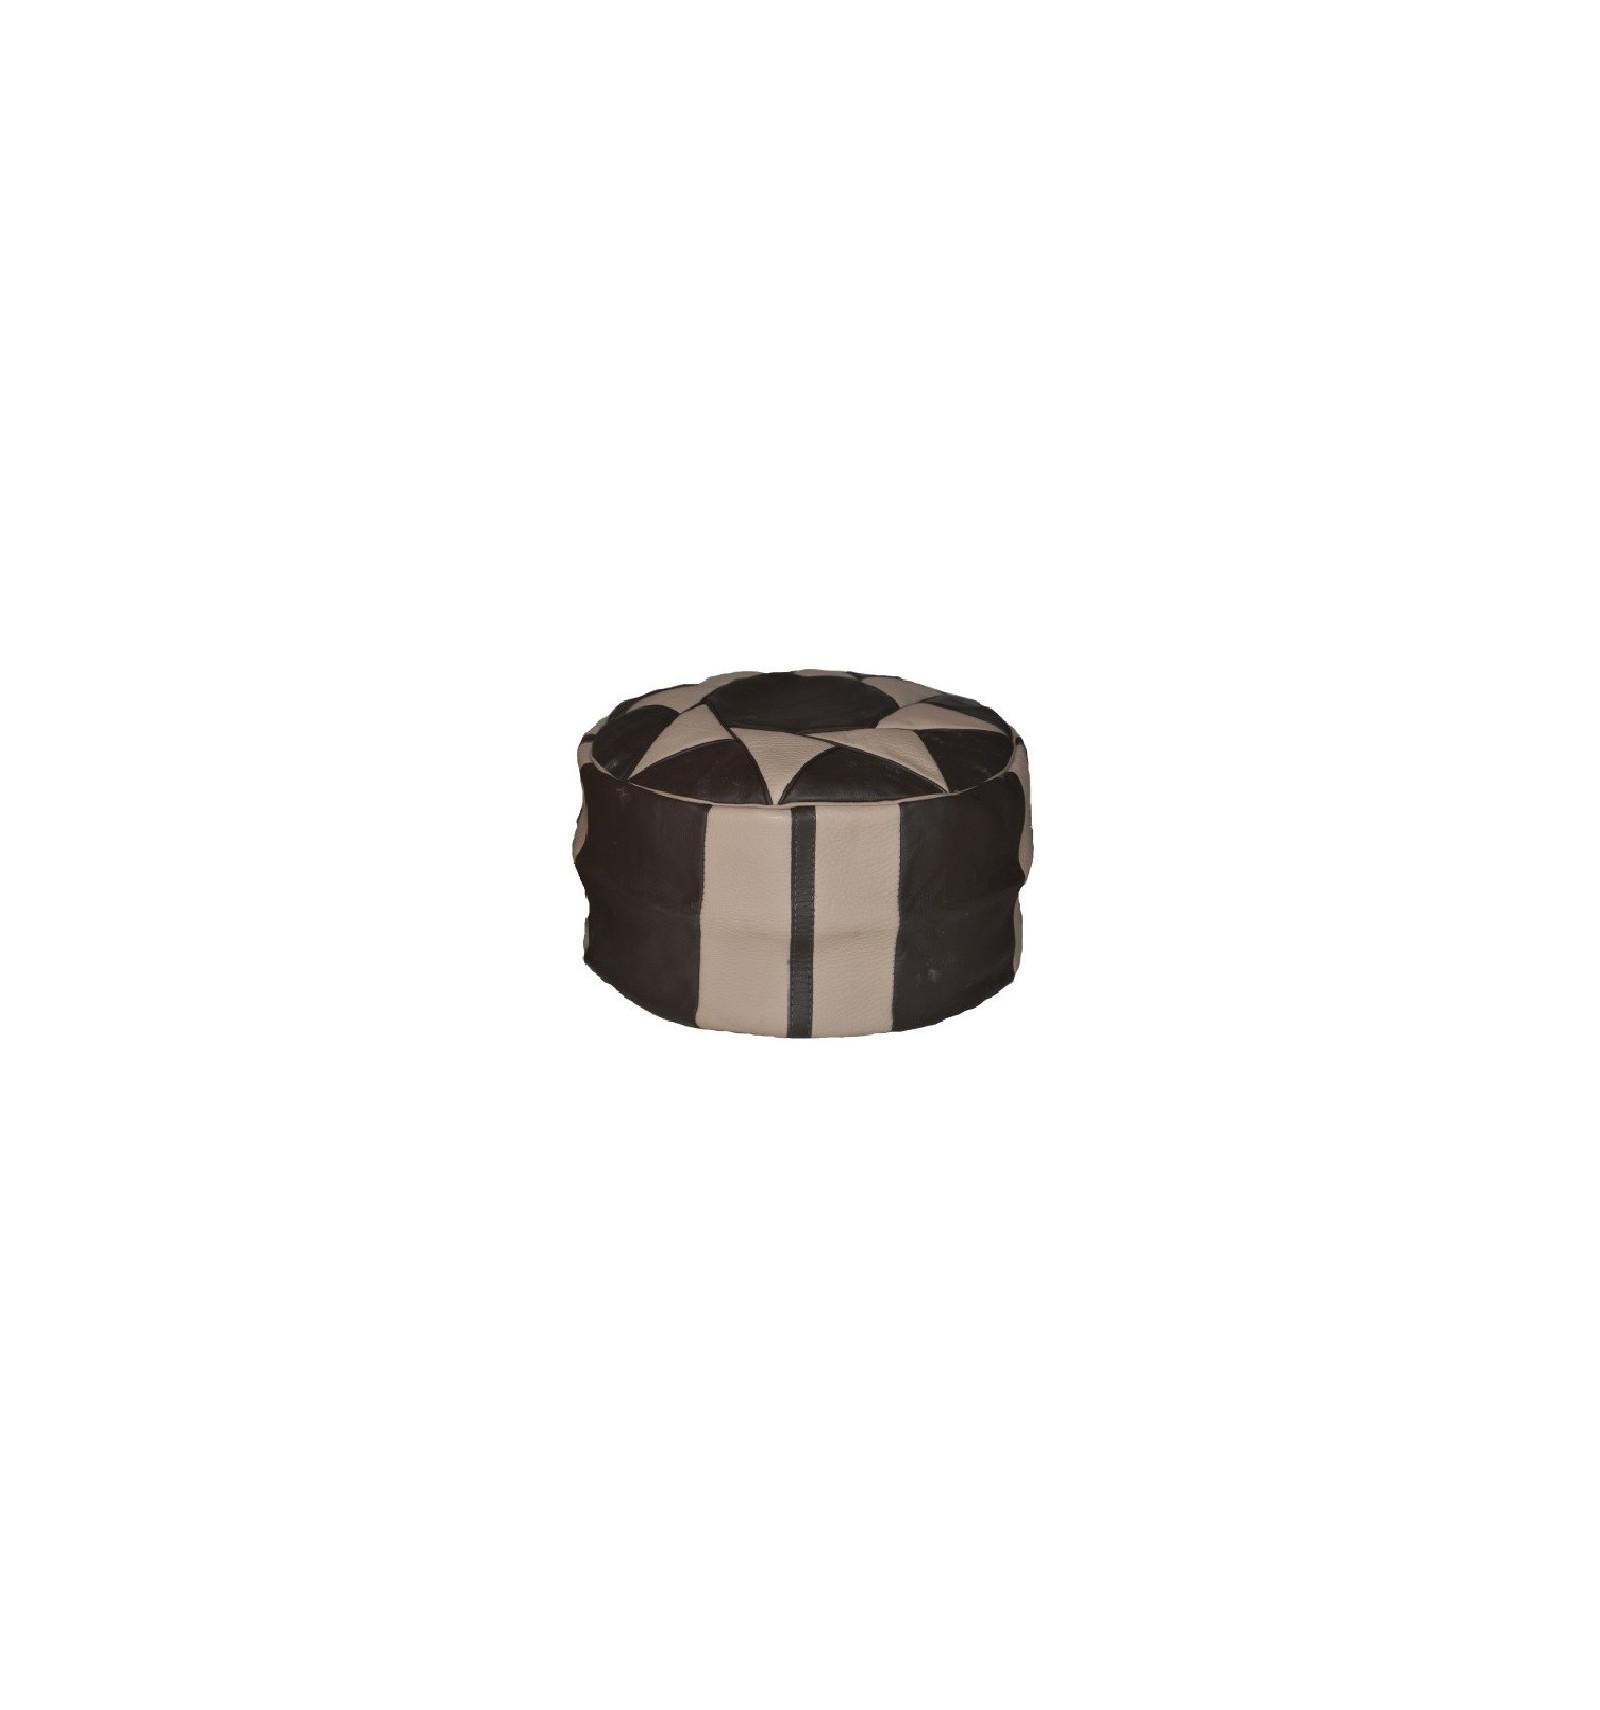 lot 3 pouf design pouf marocain en cuir gris noir. Black Bedroom Furniture Sets. Home Design Ideas